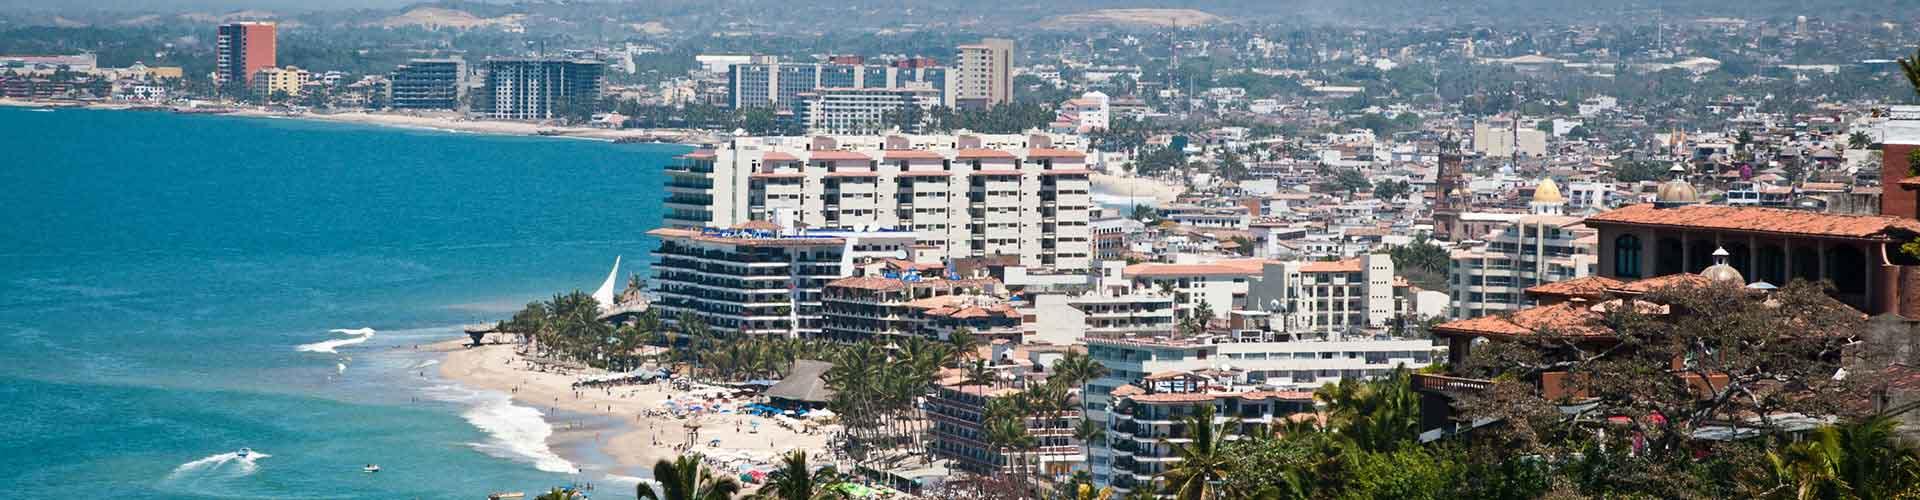 メキシコシティー – ホステル メキシコシティー. 地図 メキシコシティー, すべてのホステルの写真とレビュー メキシコシティー.